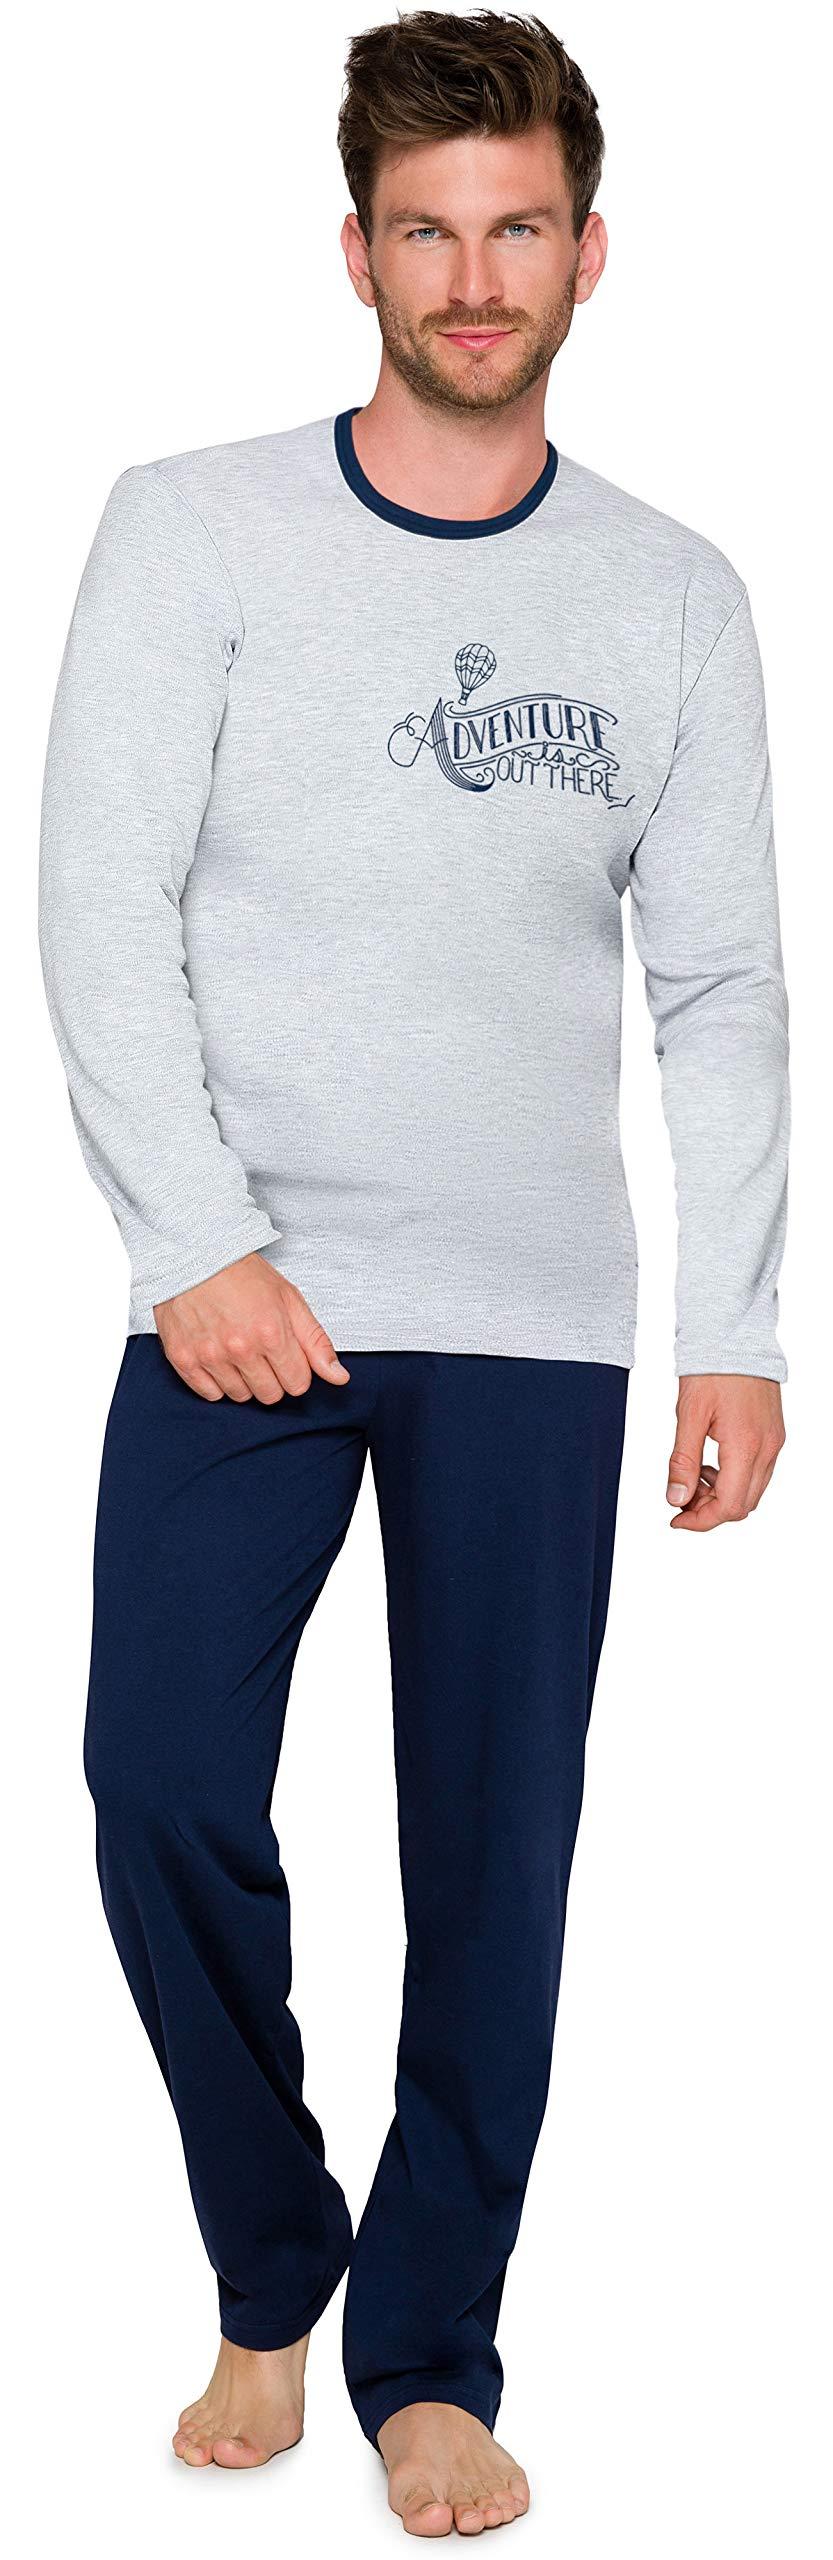 Pyjama Ensemble Haut et Bas Vêtements d'Intérieur Homme 1010